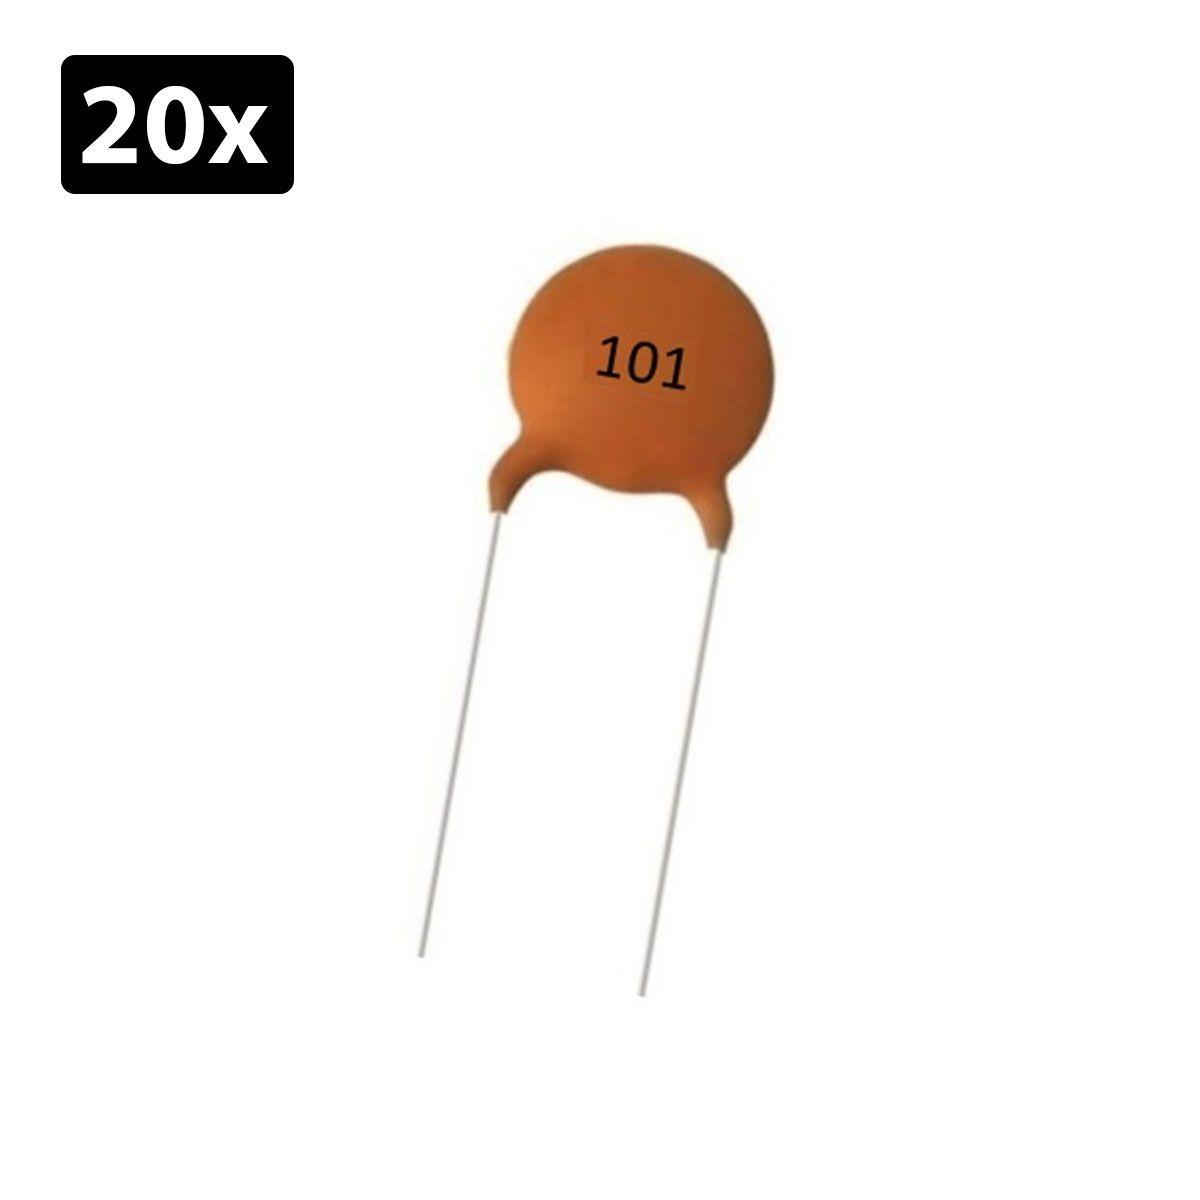 20x Capacitor Cerâmico 100pF 50v (101)